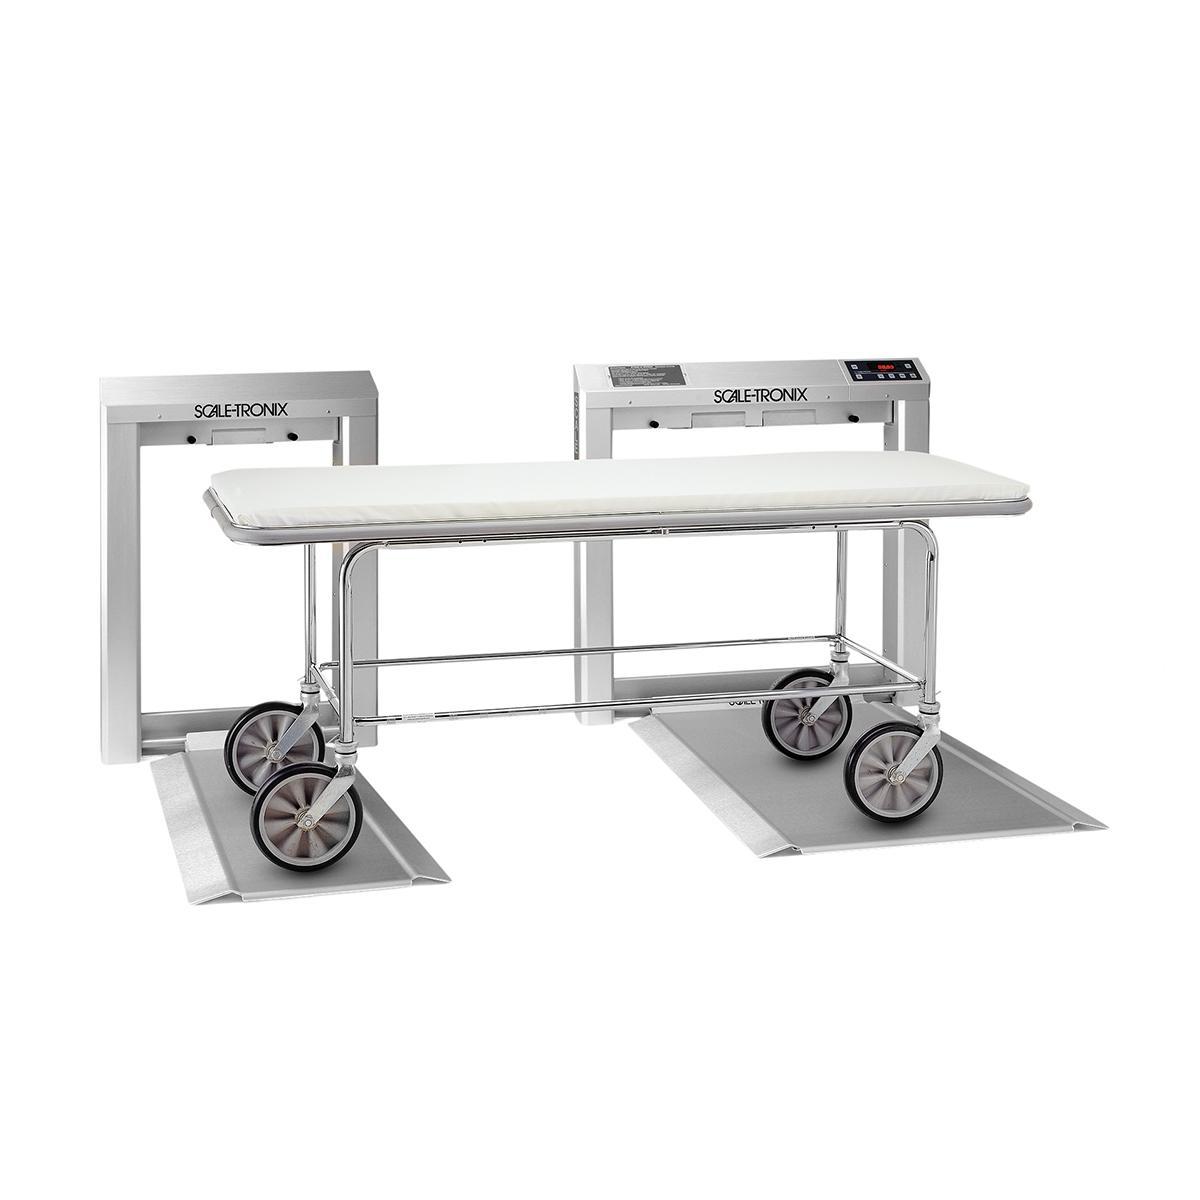 Balance Stow-A-Weigh pour patients sur civière, en fauteuil roulant, chaise, scooter et sur pieds avec civière